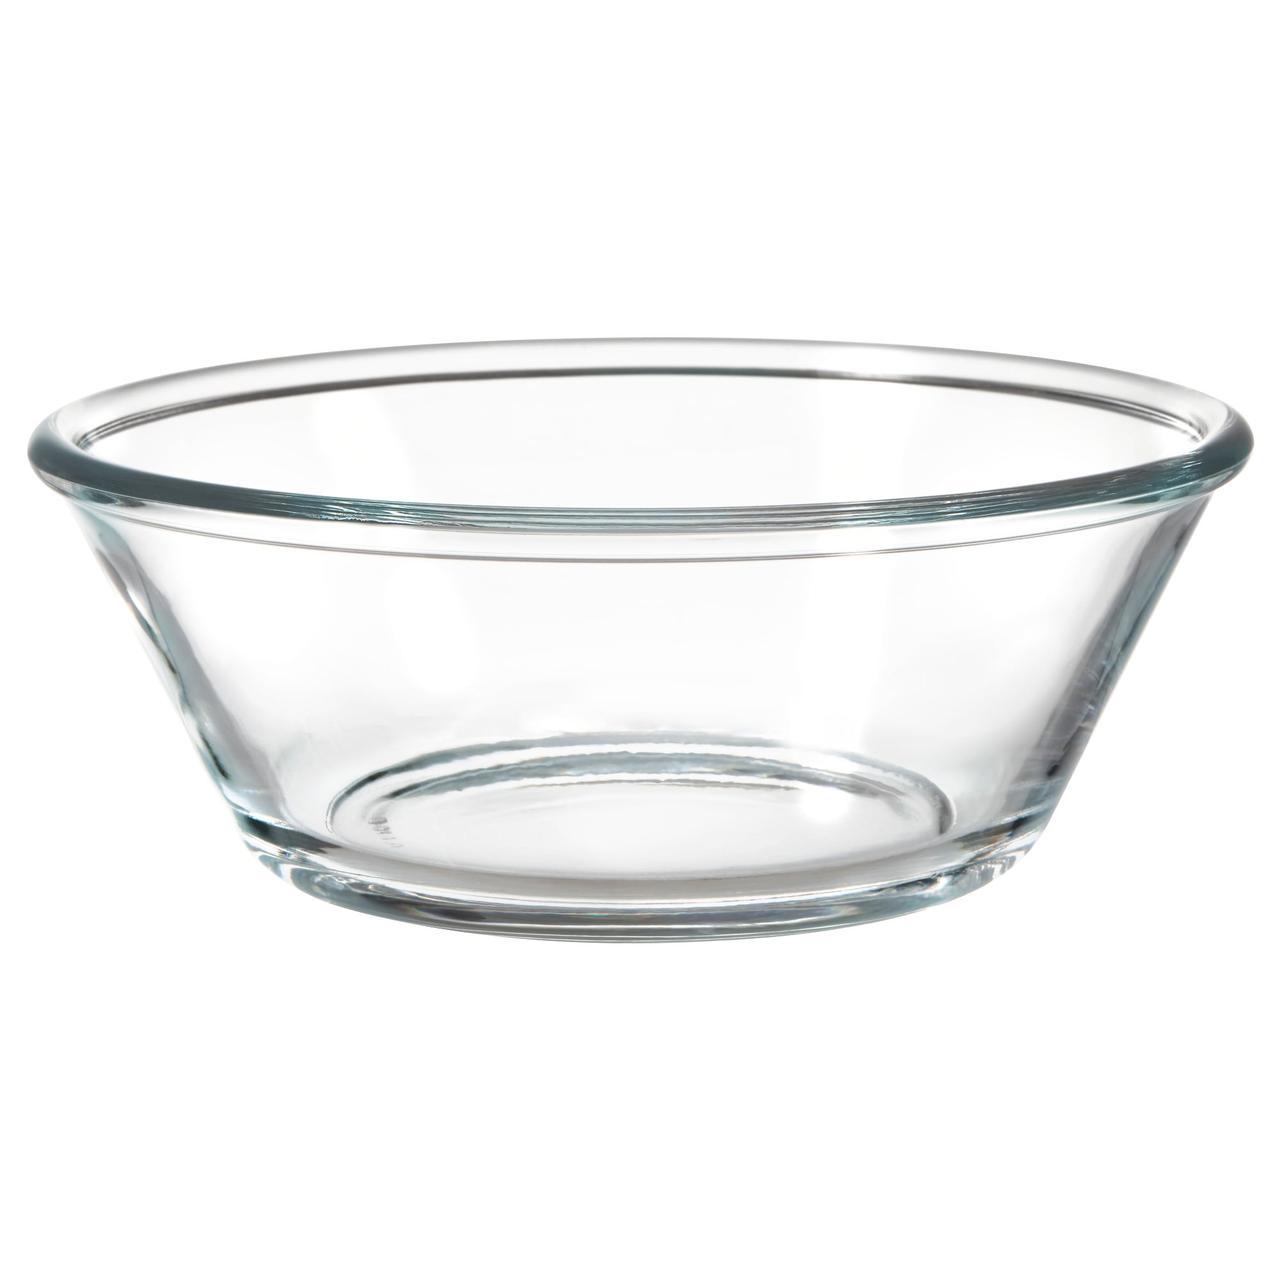 ВАРДАГЕН Сервировочная миска, прозрачное стекло